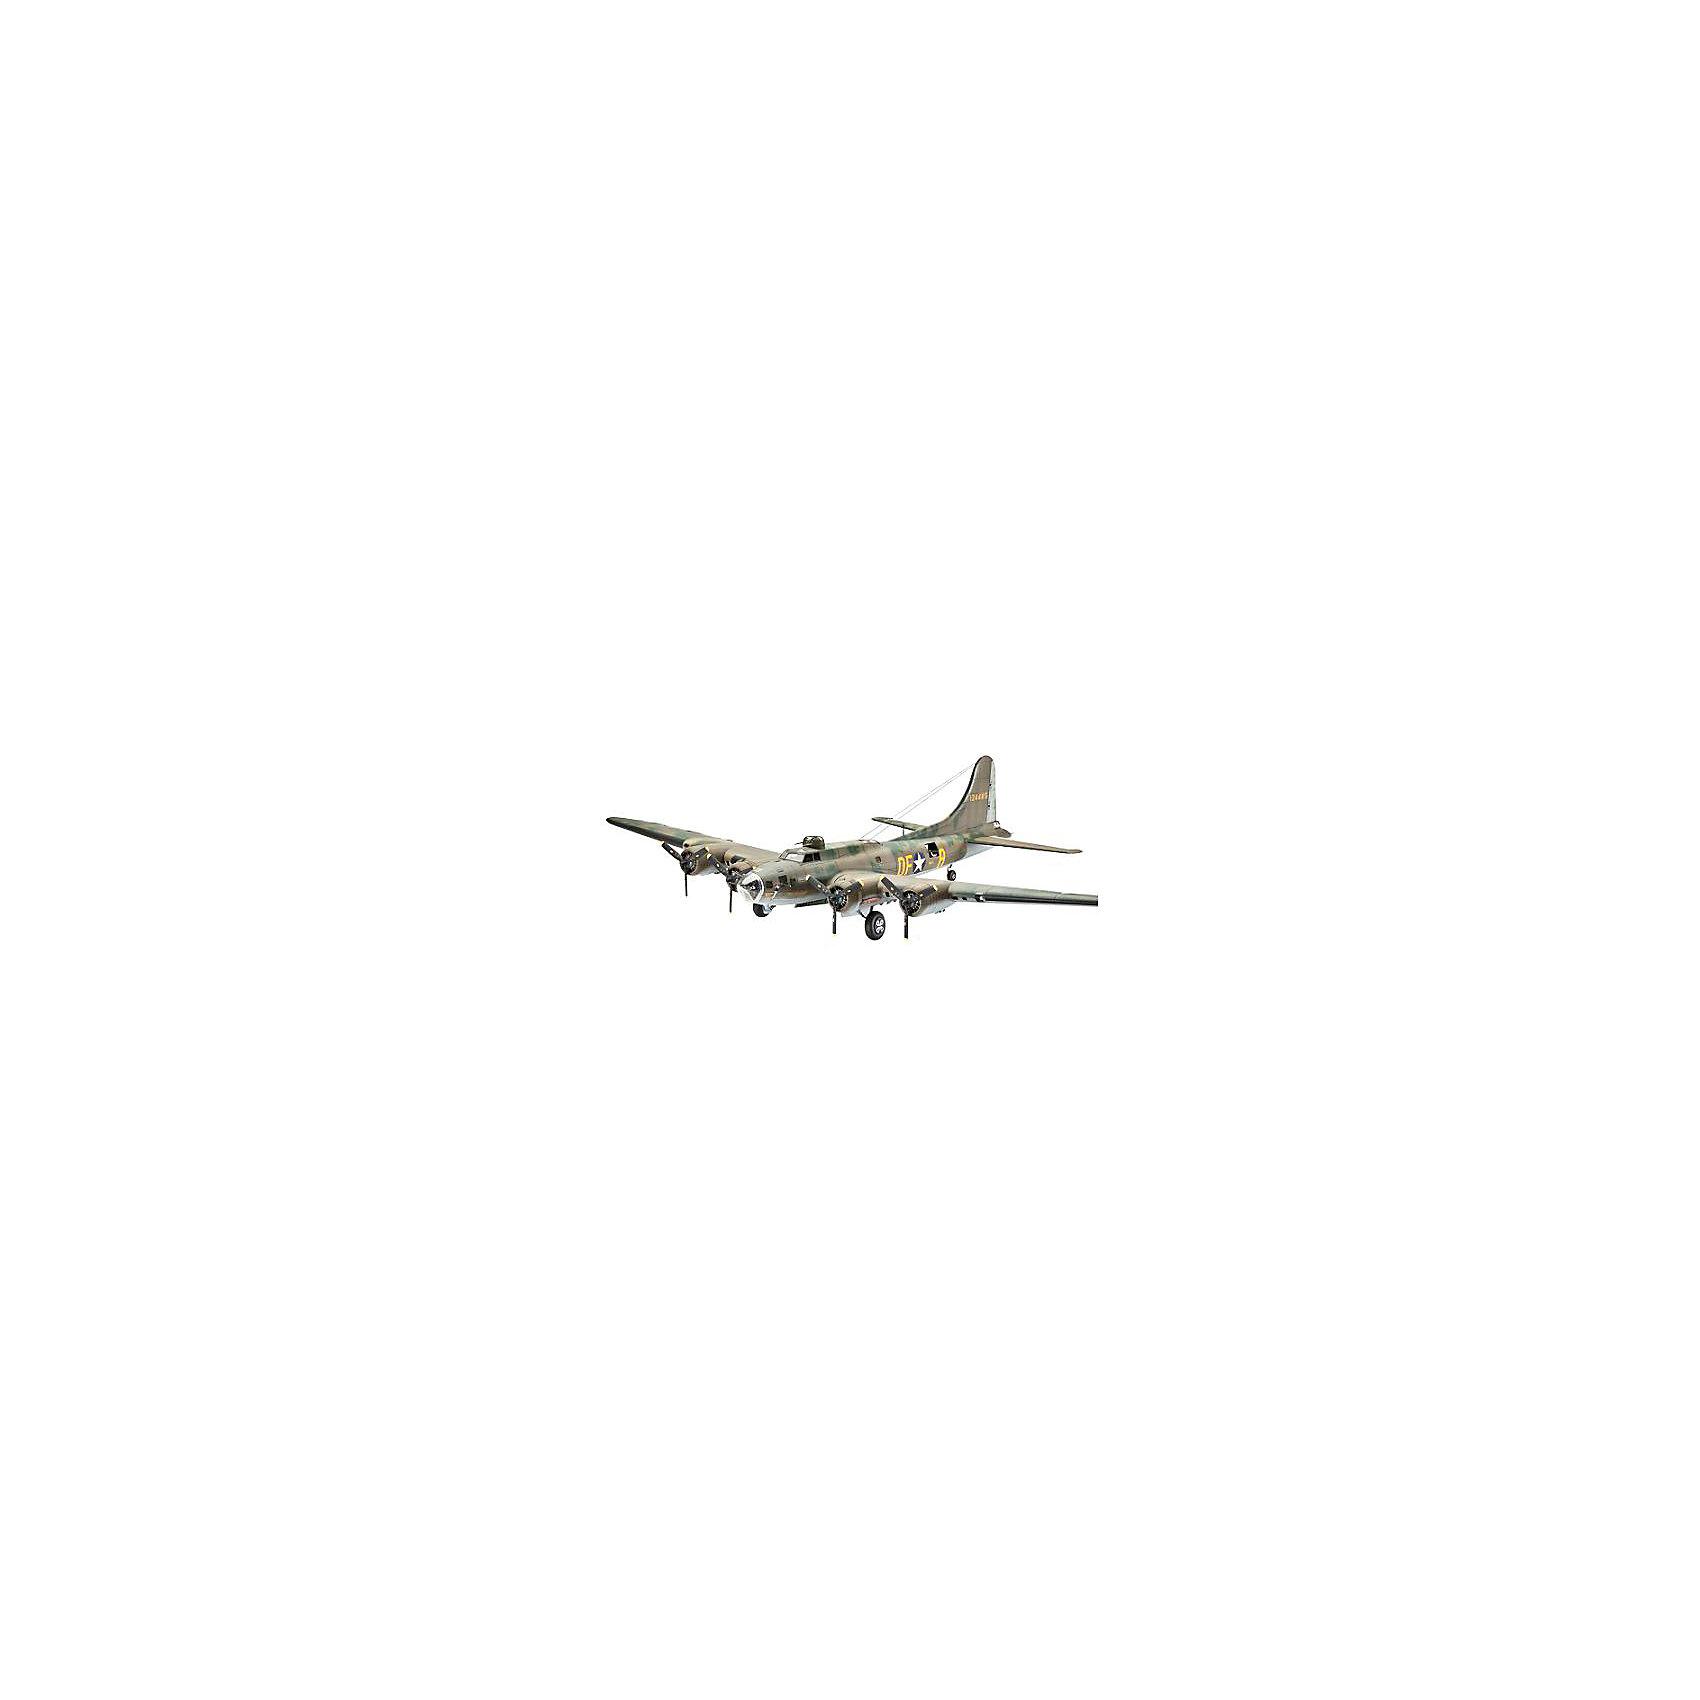 """Самолет B-17F Memphis Belle, ВВС СШАМодели для склеивания<br>B-17 – американский тяжелый бомбардировщик. Этот самолет, прозванный """"Летающей крепостью"""", стал первым серийным цельнометаллическим бомбардировщиком ВВС США.  В СССР самолет не поставлялся, однако к концу войны советские летчики использовали около 20 B-17. Все они были восстановлены из 70 самолетов, которые ранее совершили вынужденную посадку на территории СССР. В наших ВВС бомбардировщики B-17 по прямому назначению не использовались. <br>Масштаб: 1:72 <br>Количество деталей:235 <br>Длина модели: 325 мм <br>Размах крыльев: 440 мм <br>Уровень сложности: 5 <br>Краски и клей в комплект не входят.<br><br>Ширина мм: 437<br>Глубина мм: 248<br>Высота мм: 112<br>Вес г: 670<br>Возраст от месяцев: 156<br>Возраст до месяцев: 2147483647<br>Пол: Мужской<br>Возраст: Детский<br>SKU: 7122381"""